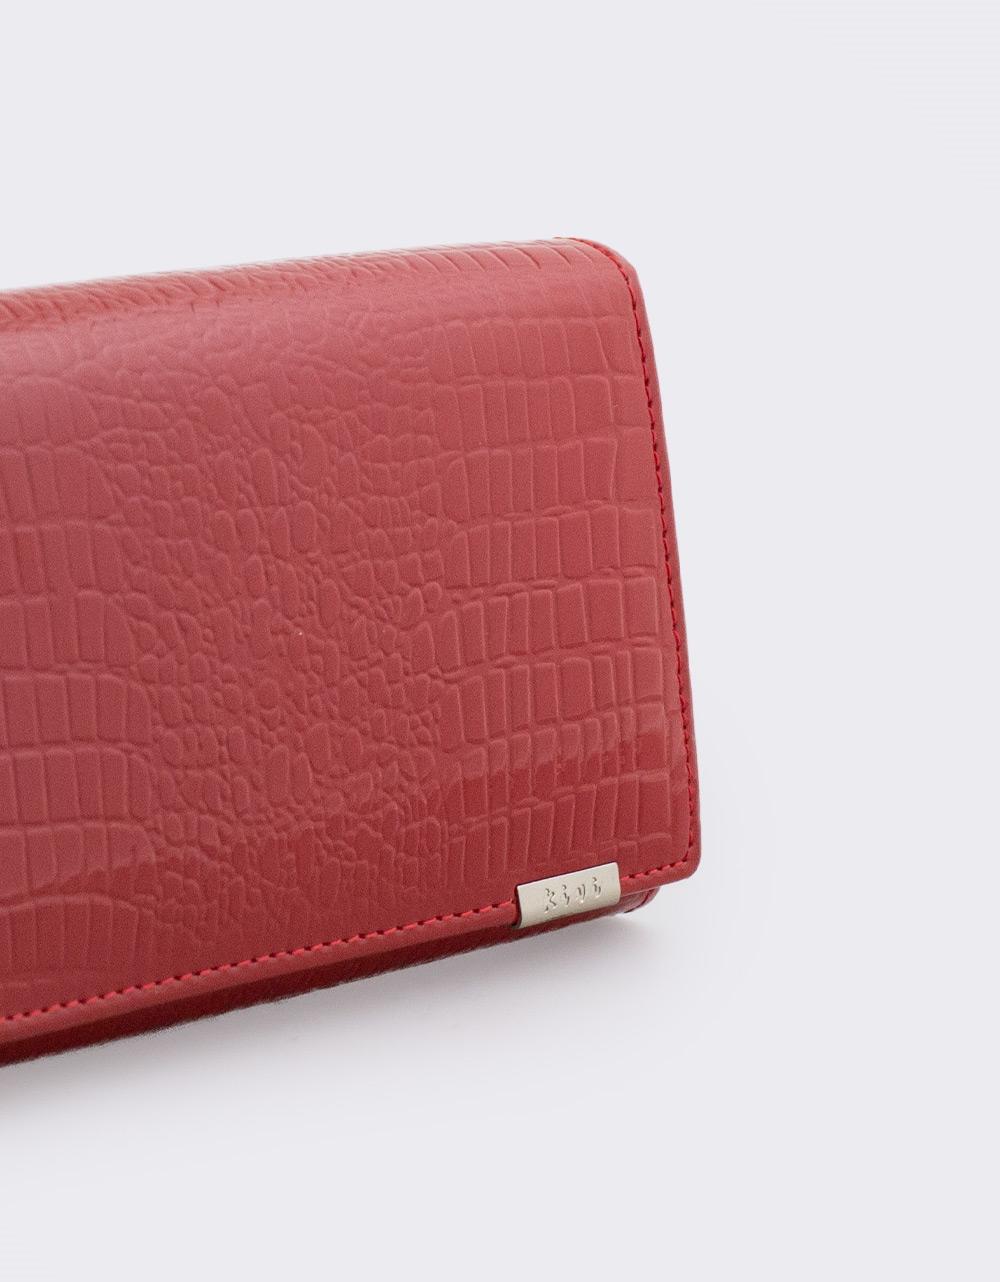 Εικόνα από Γυναικεία πορτοφόλια δερμάτινα με κροκό μοτίβο Κόκκινο